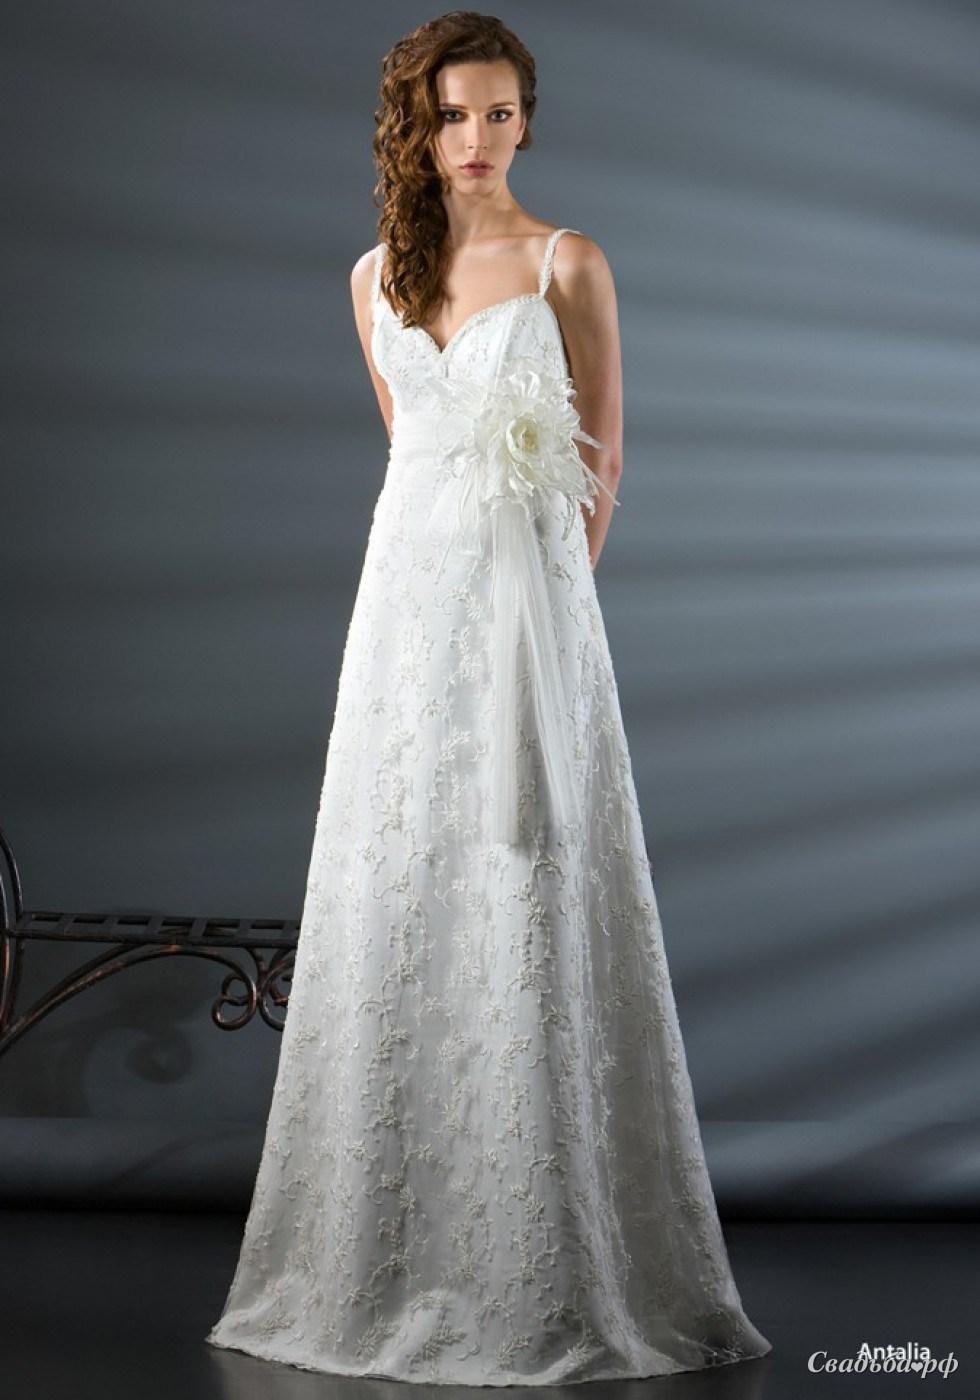 Свадебные платья 2015 фото цены купить недорого в интернет